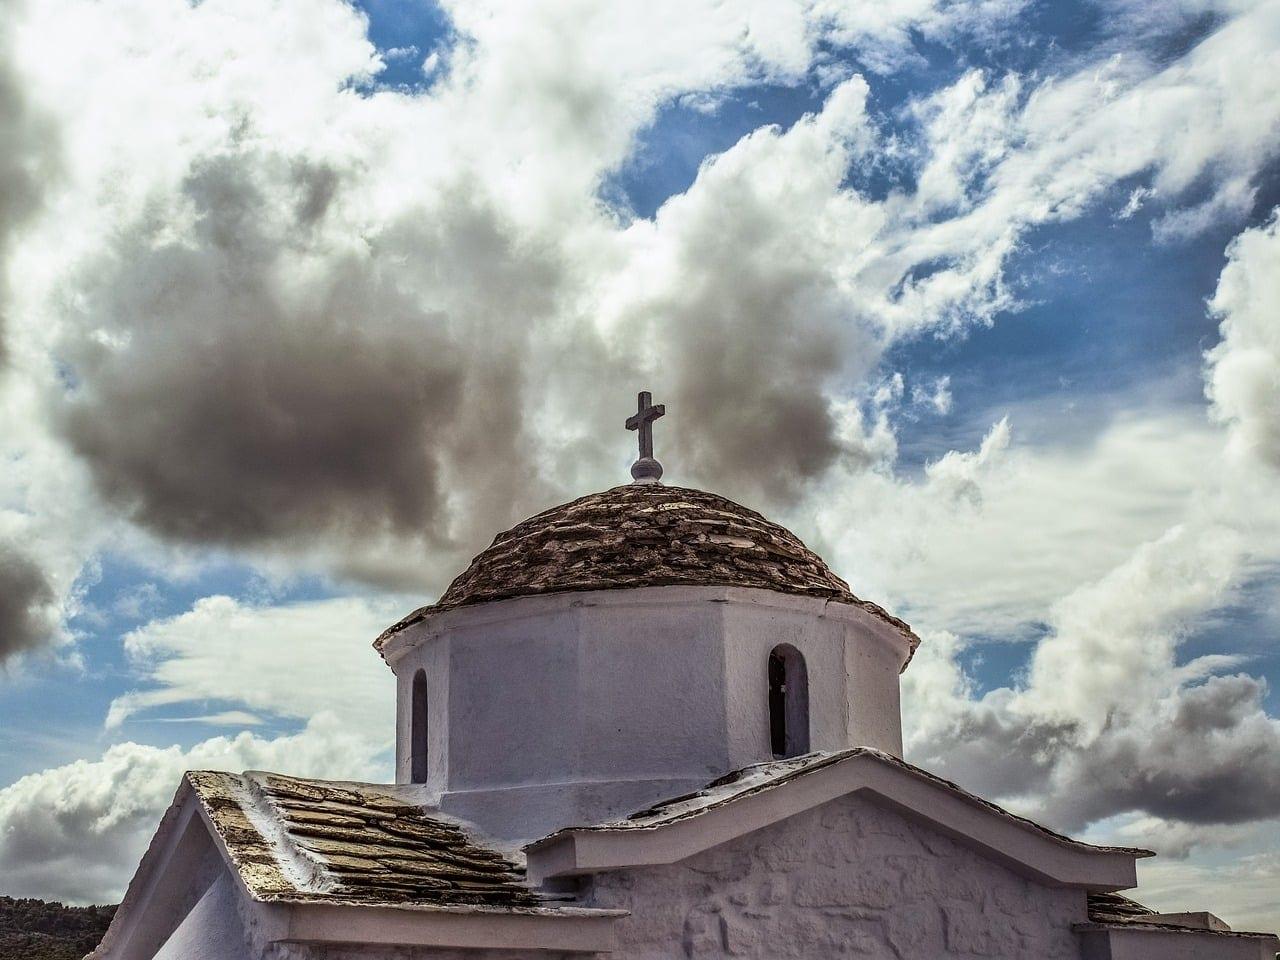 Γιορτή σήμερα 28 Μαϊου Ποιοι γιορτάζουν ΕΜΥ Καιρός σε Αθήνα -Ελλάδα